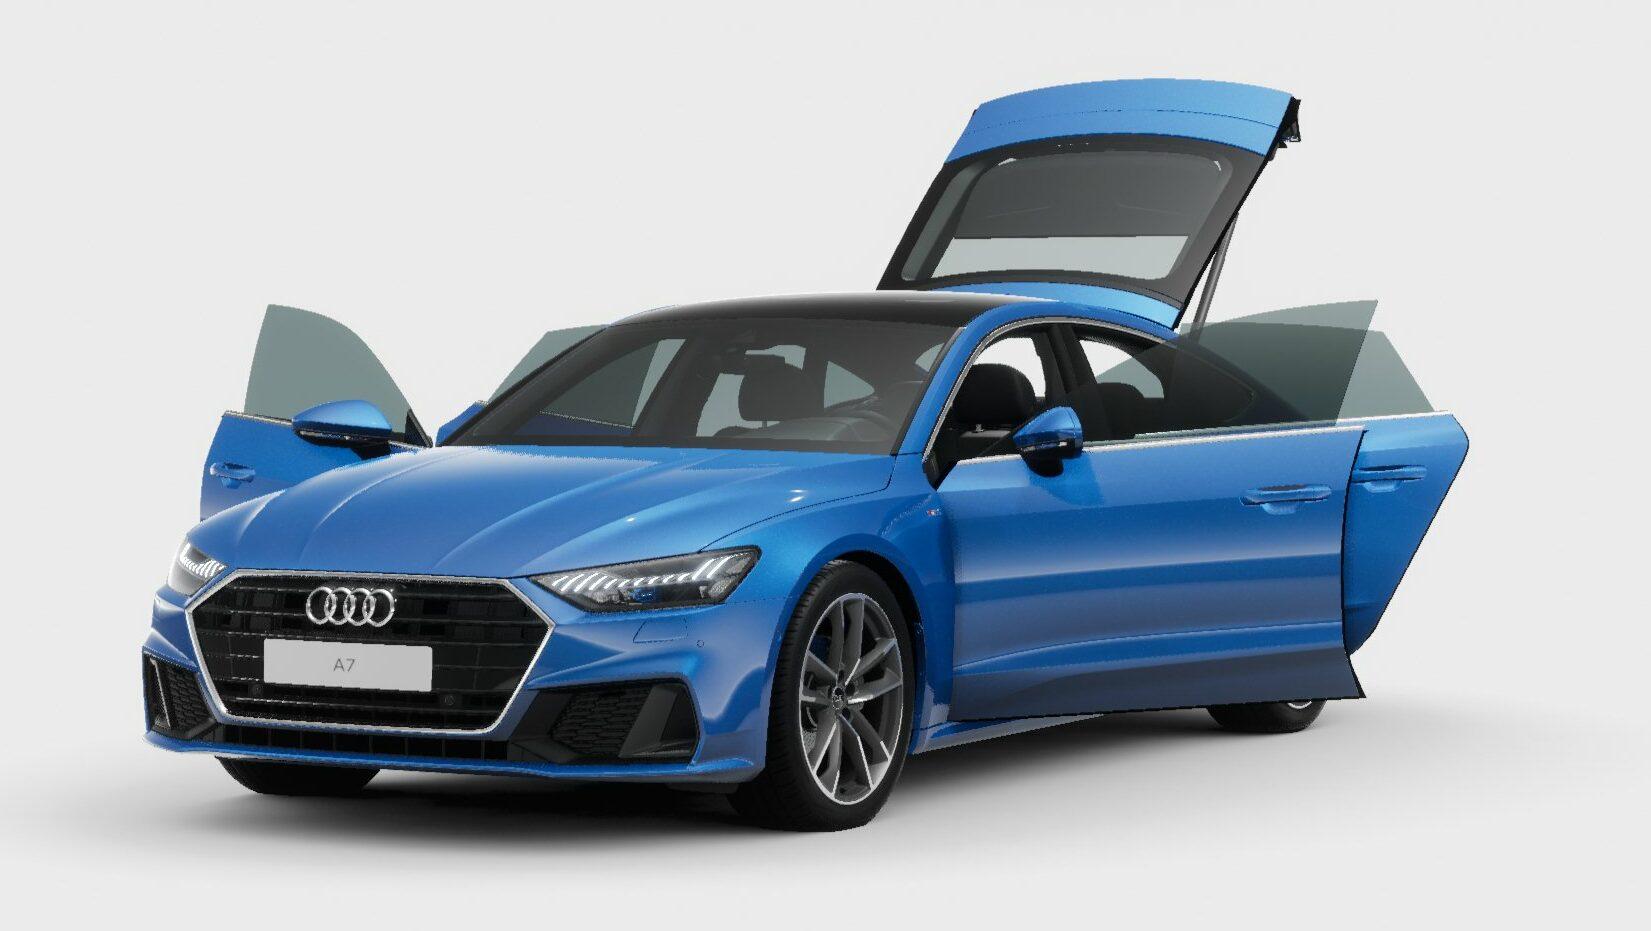 Nuevo Audi A7 Sportback 40 TFSI 2021: no me llames básico, soy mucho más